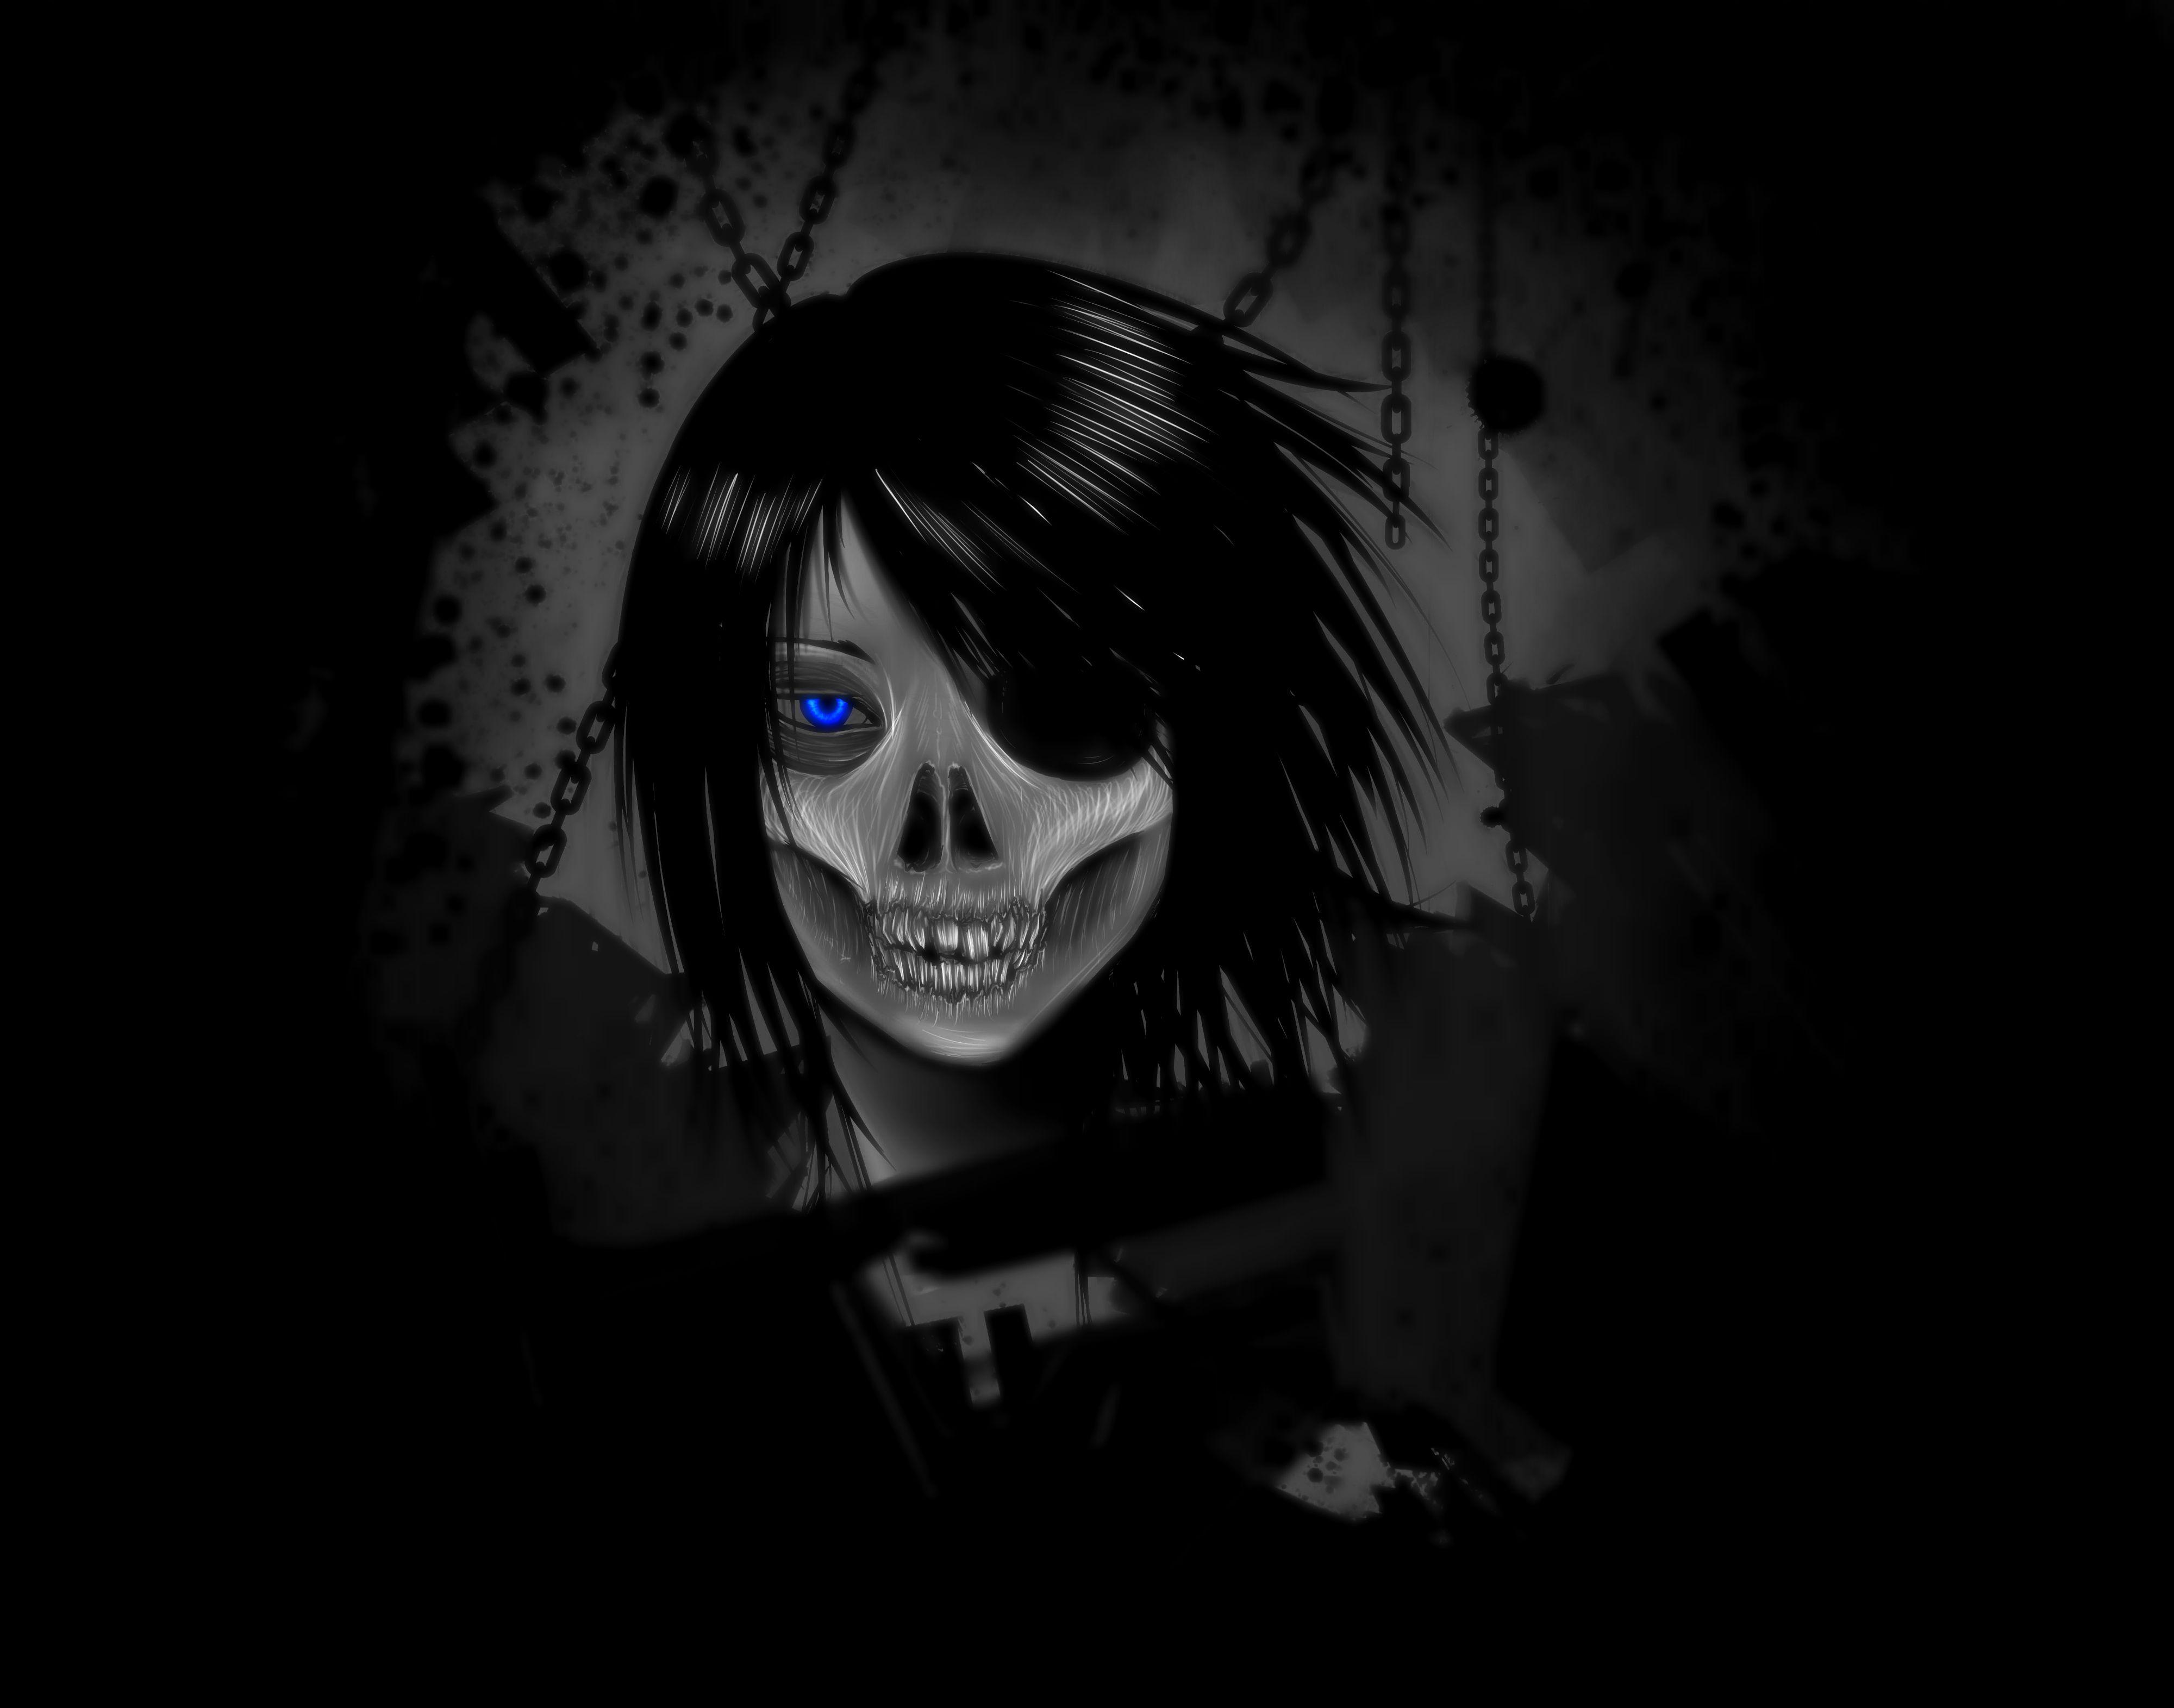 Download skull girl desktop wallpaper images 81702 download download skull girl desktop wallpaper images 81702 download voltagebd Images